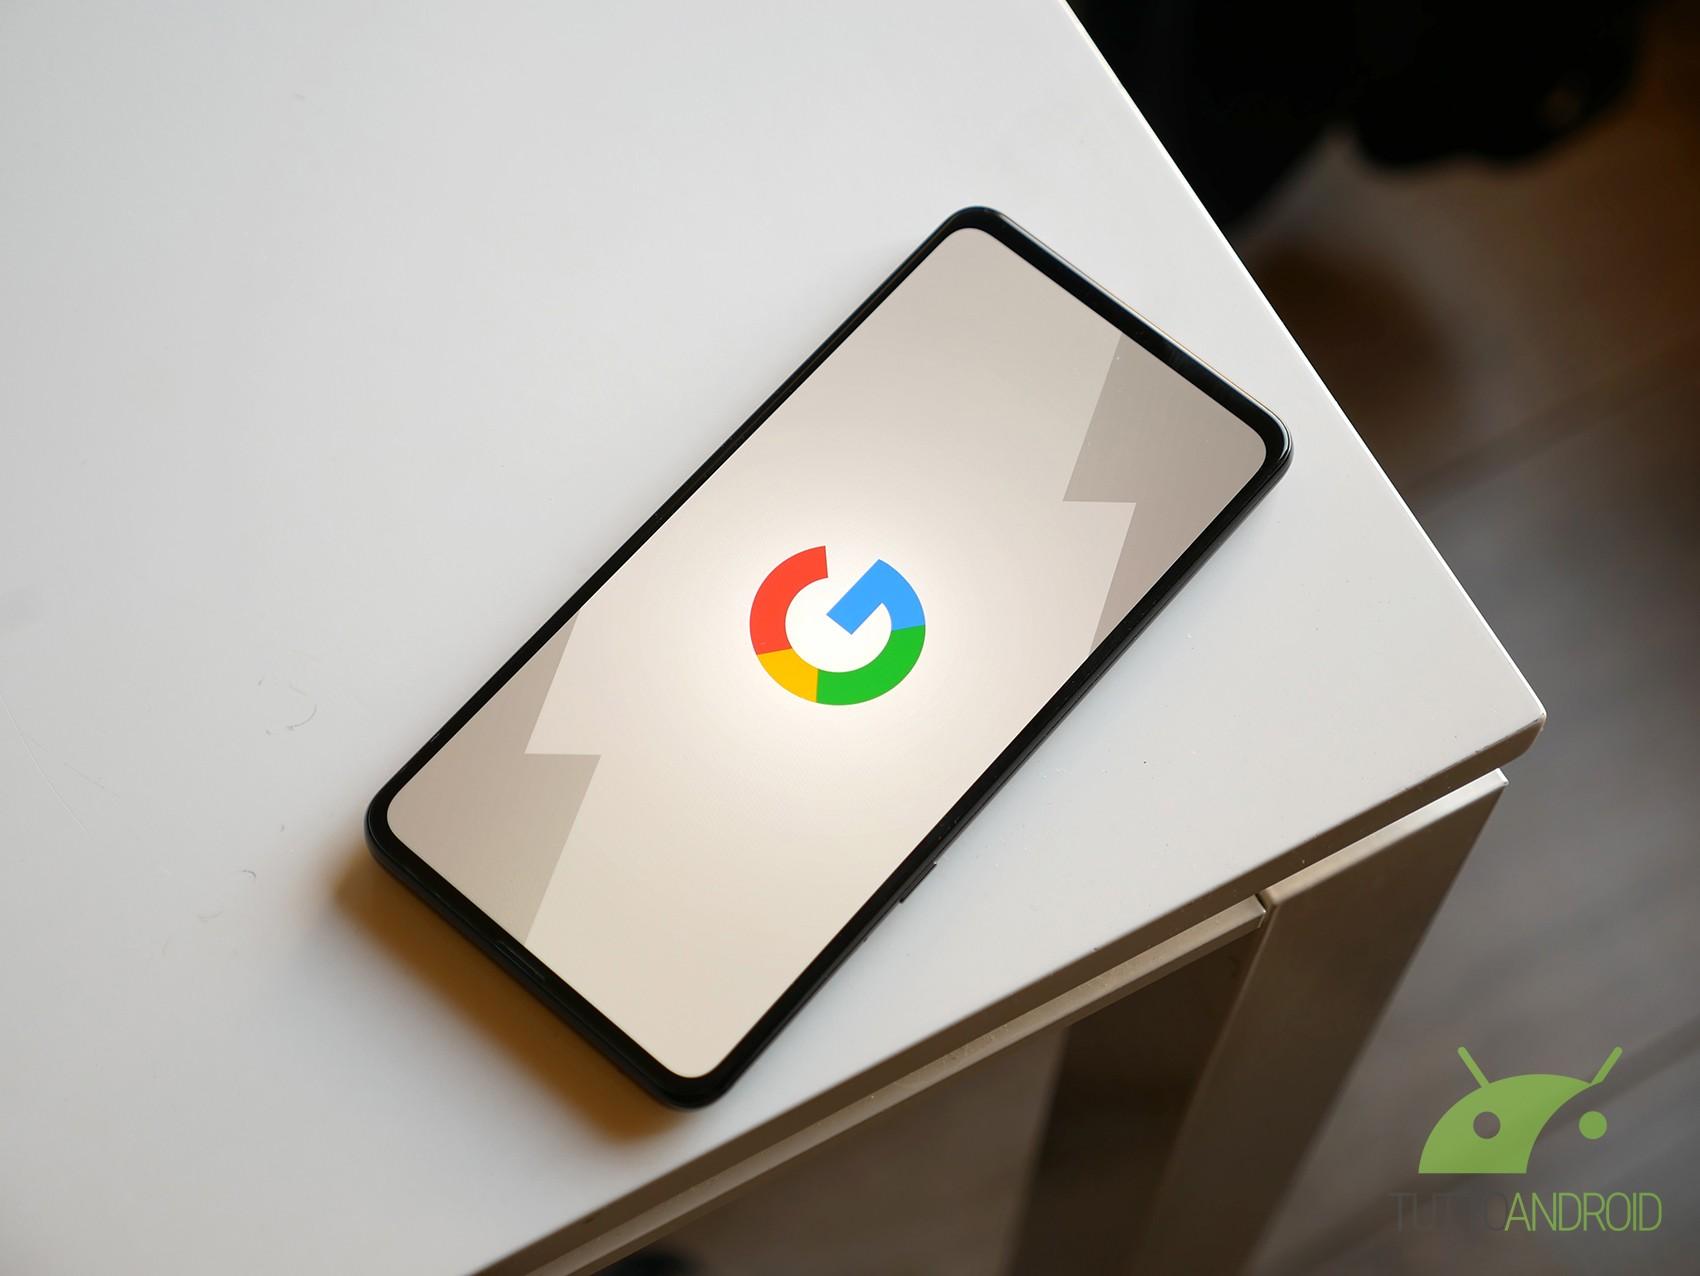 Google aggiorna App Google ed elimina il P2P con Google Pay